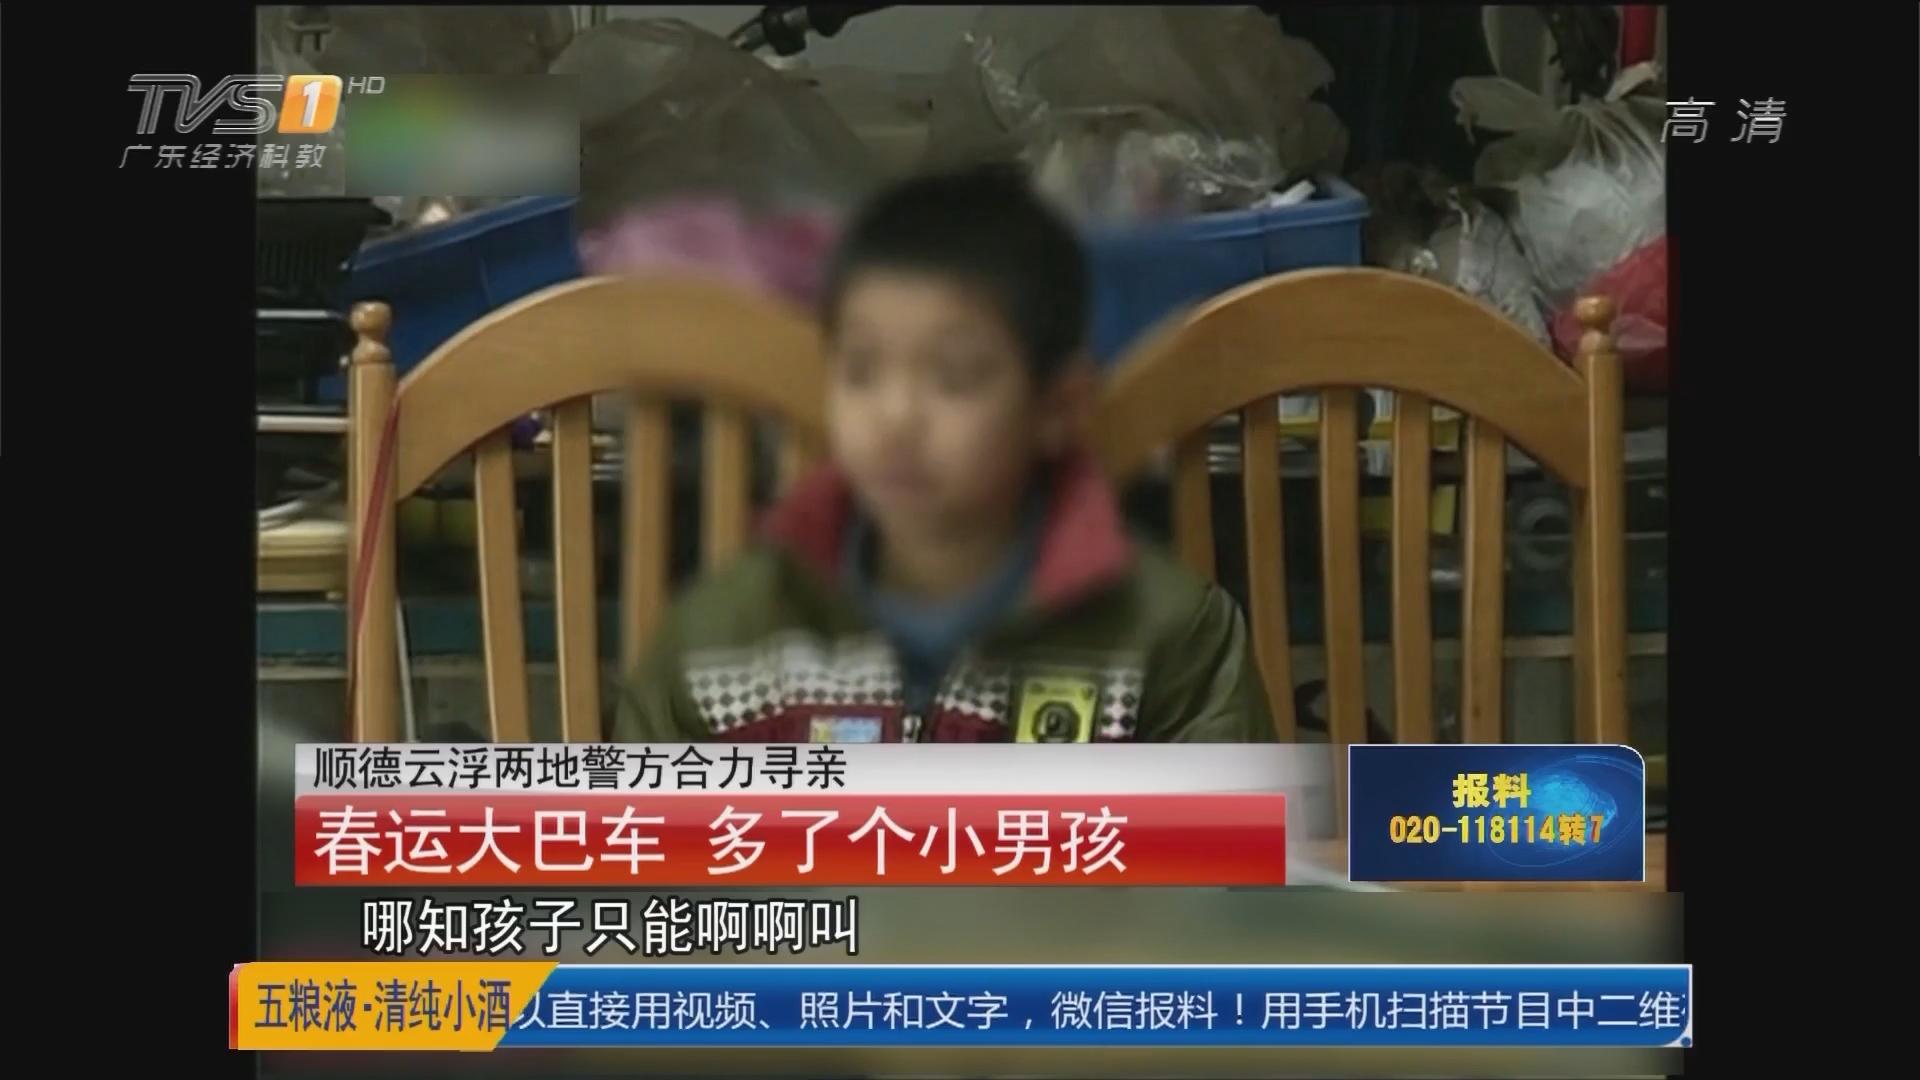 顺德云浮两地警方合力寻亲:春运大巴车 多了个小男孩